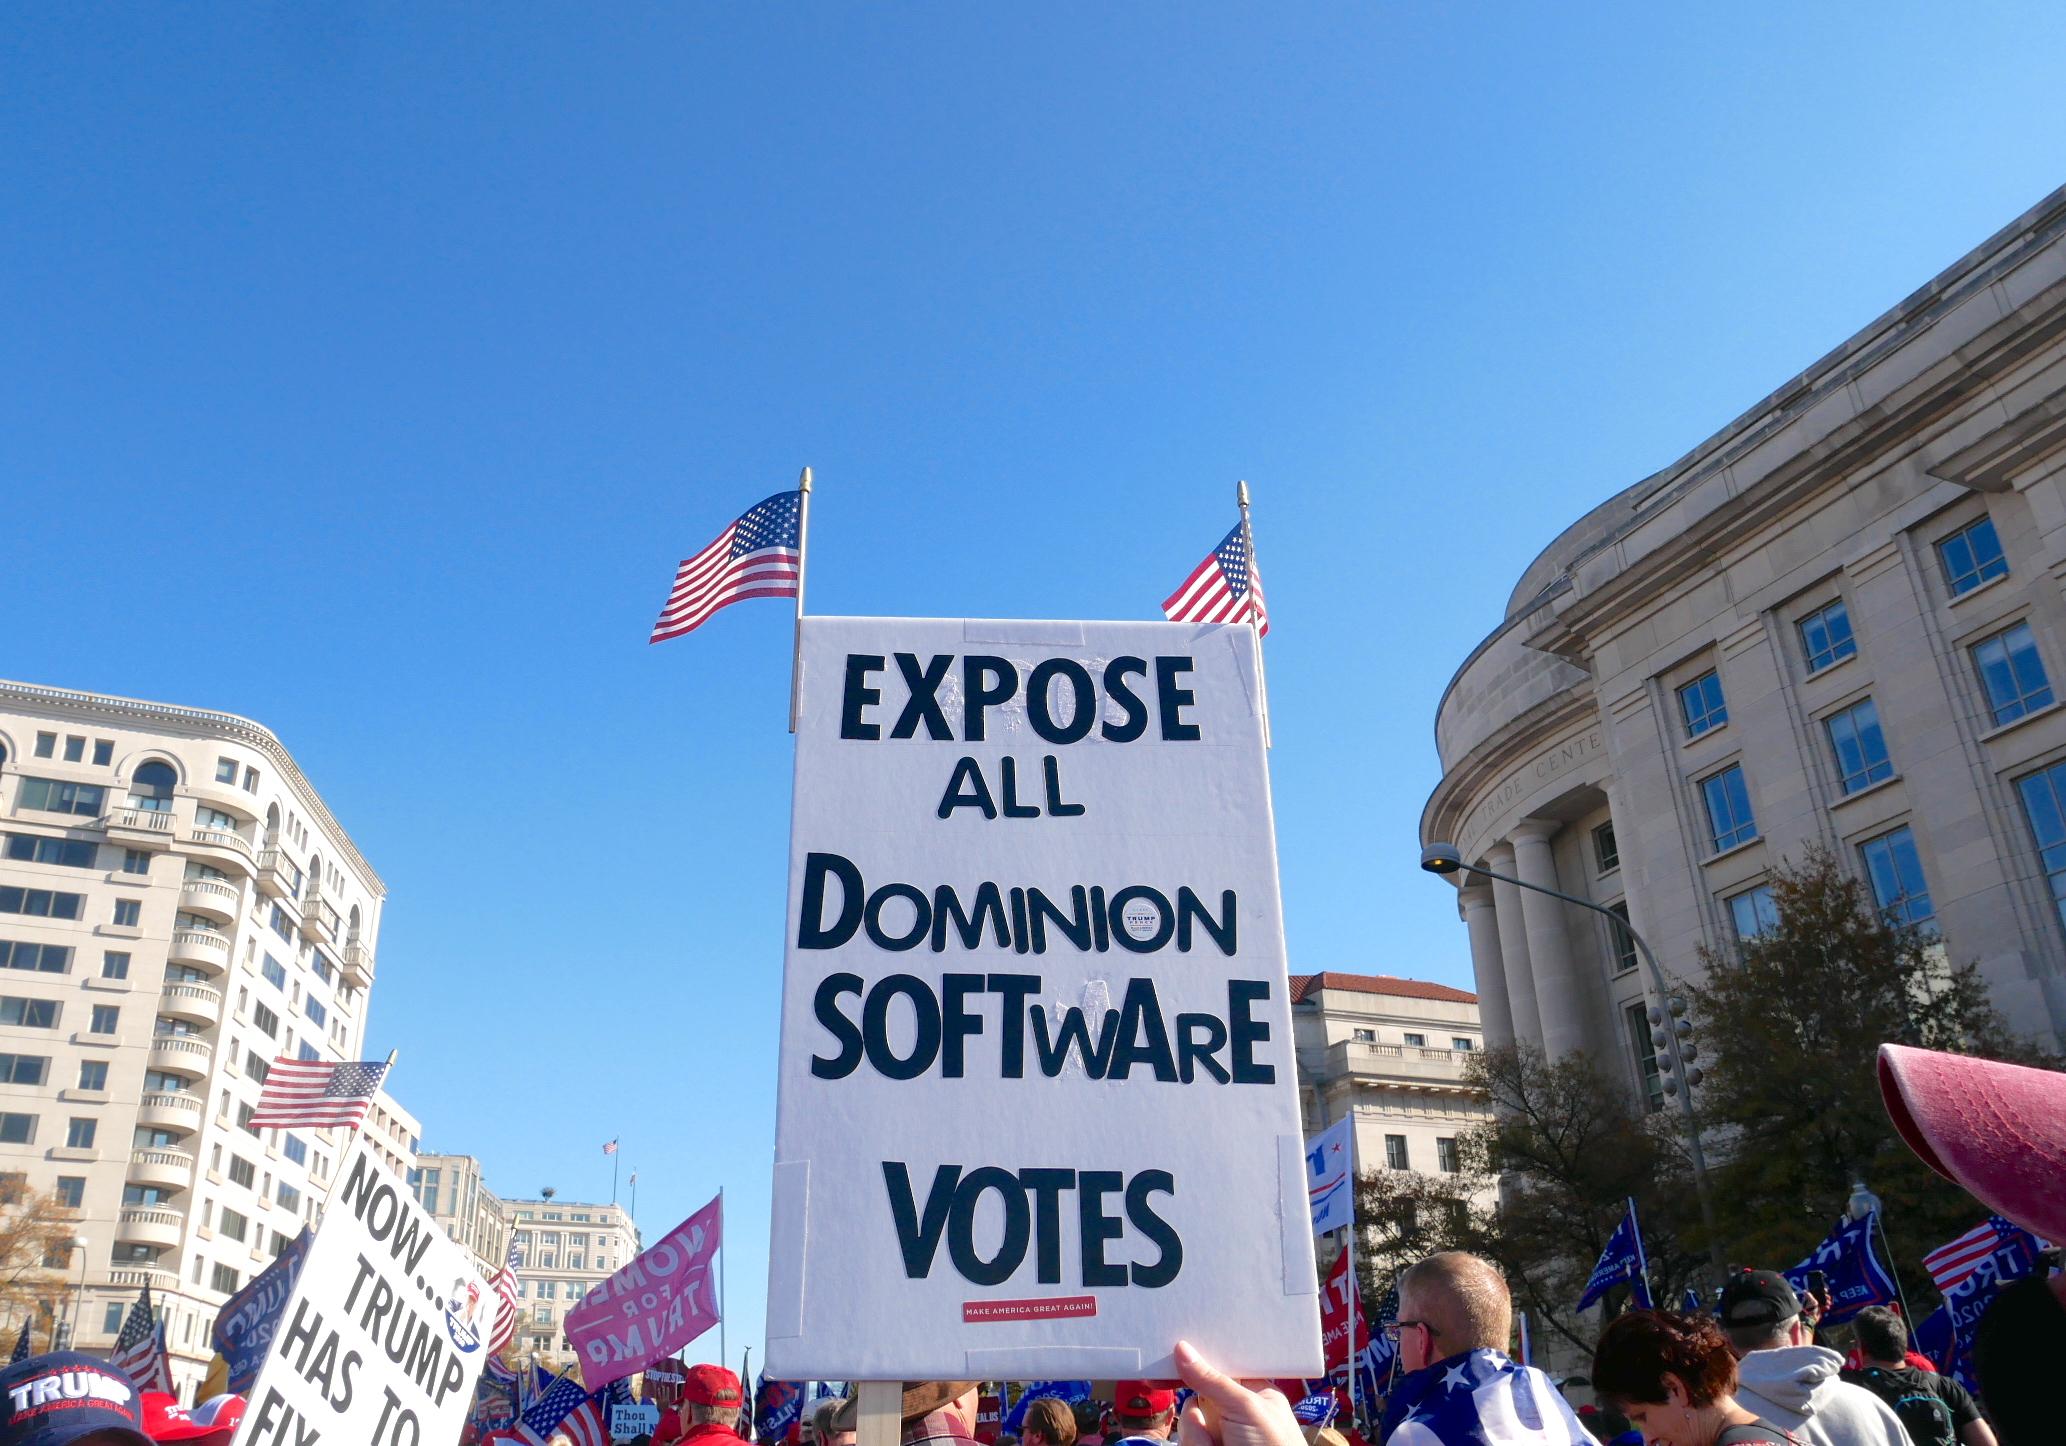 陳思敏:美國大選點票軟件背後中共內情多